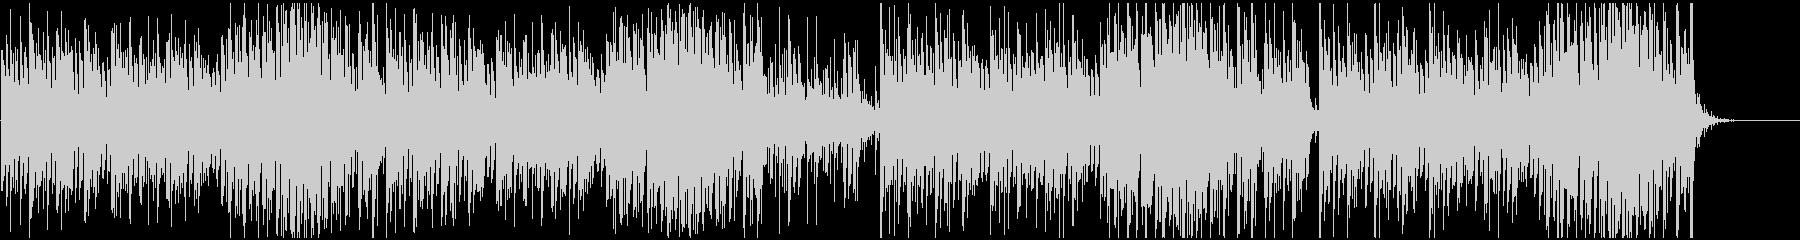 CMVP用新サウンド 独創的なピアノ曲の未再生の波形